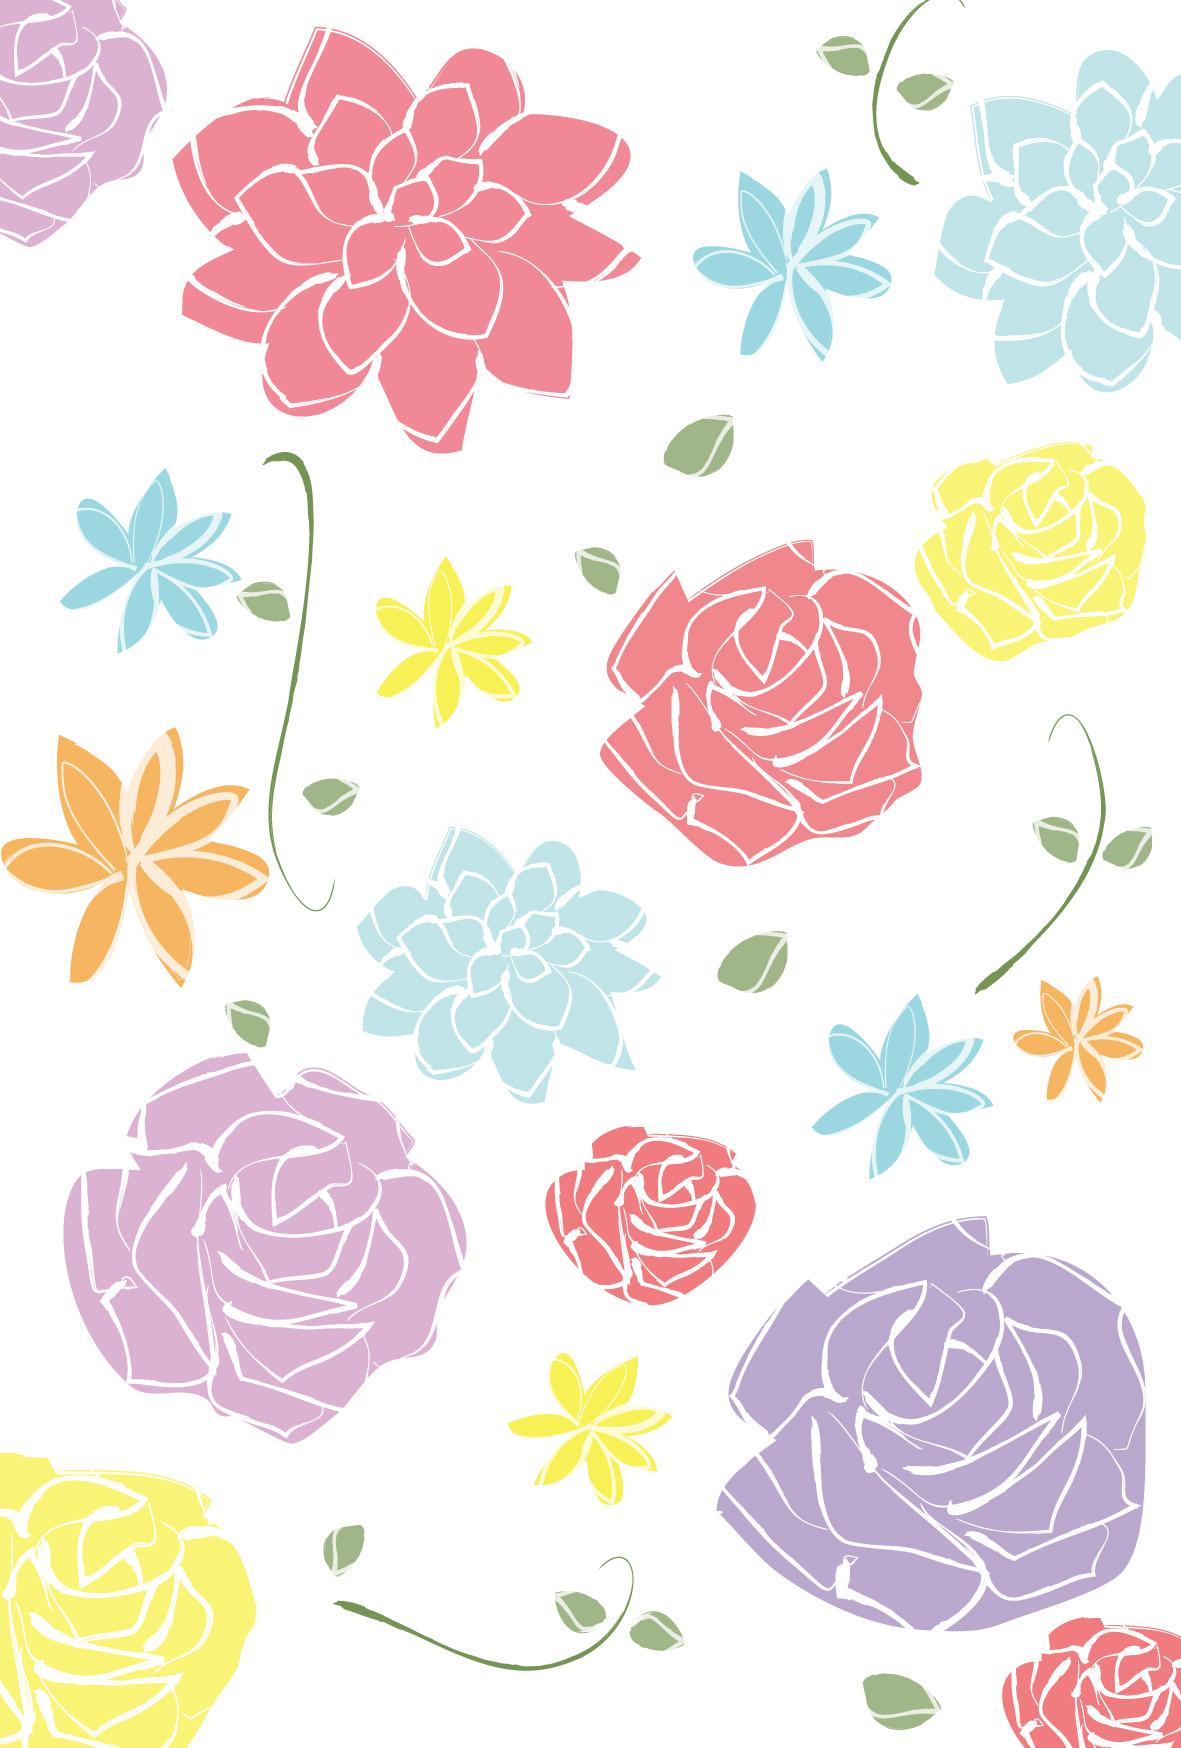 ウェディング・花模様3」ダウンロード|かわいい無料イラスト 印刷素材